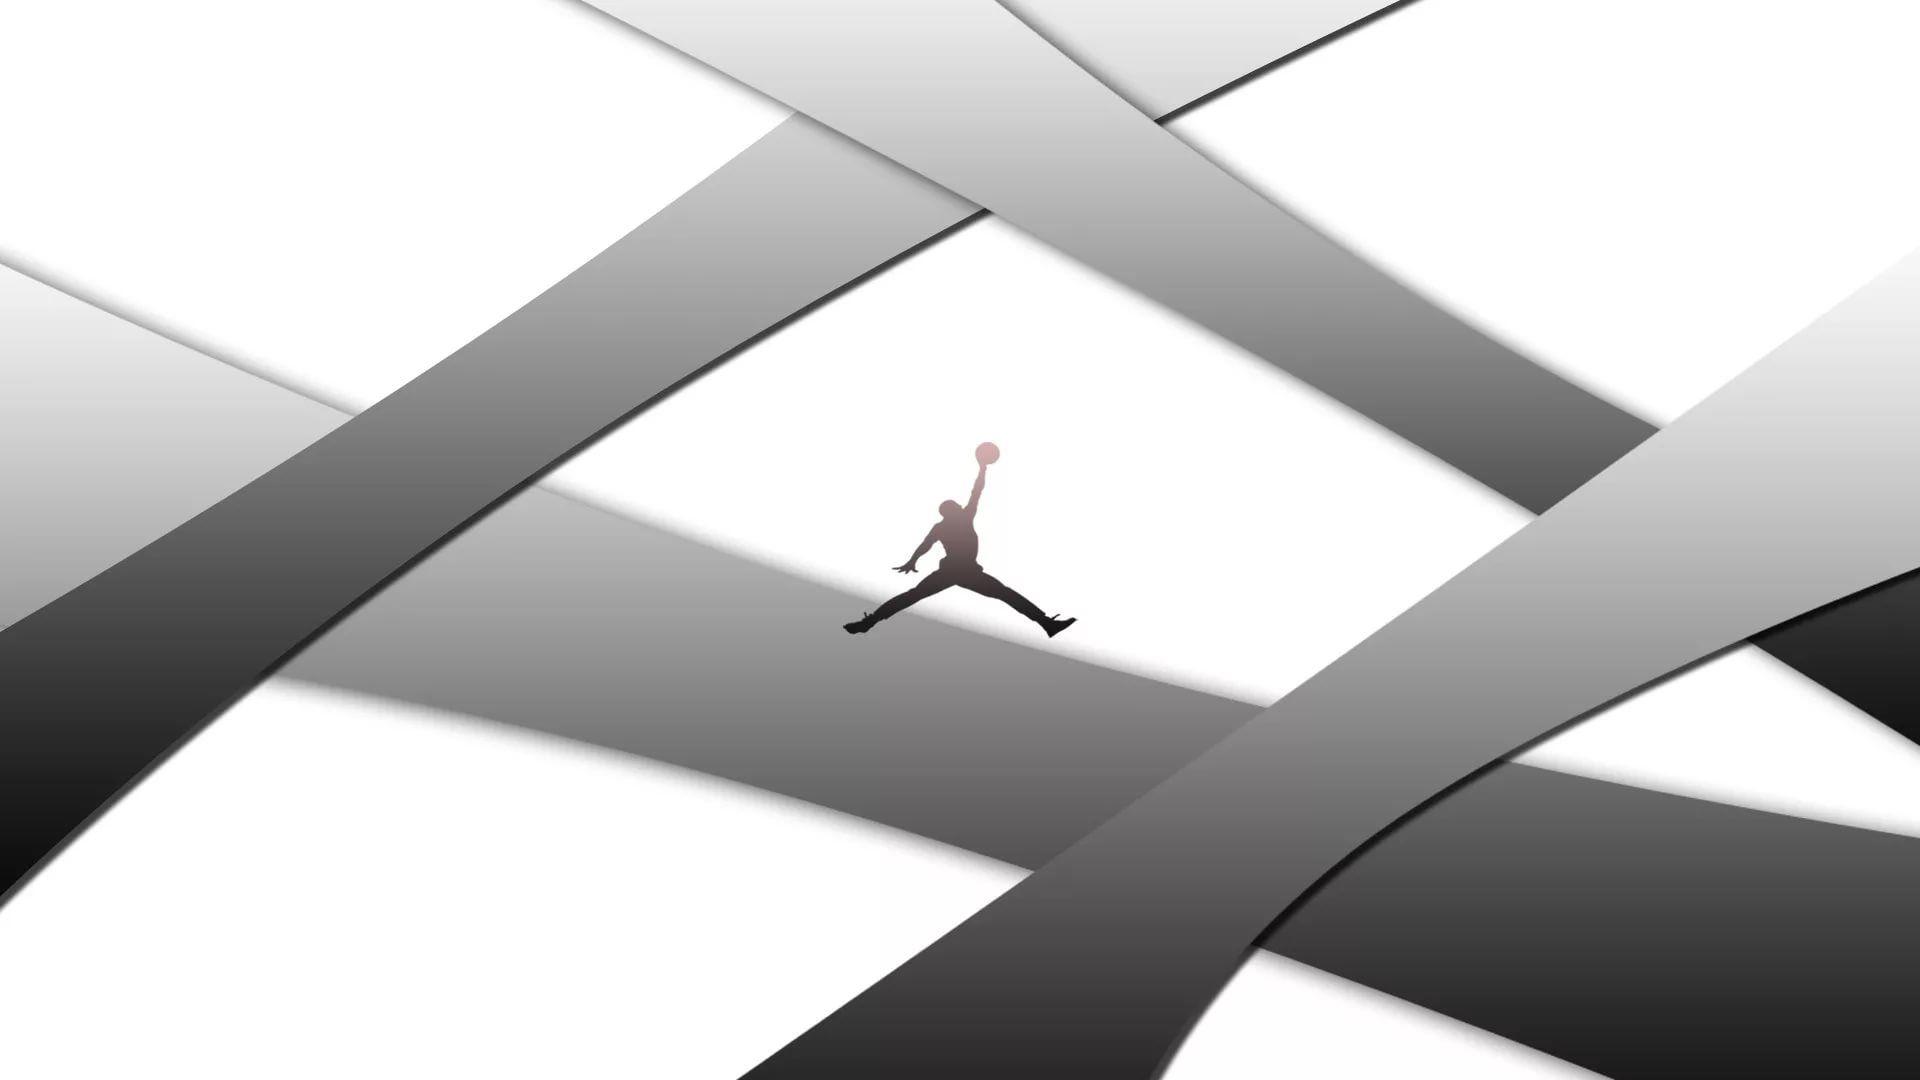 Jumpman free hd wallpaper